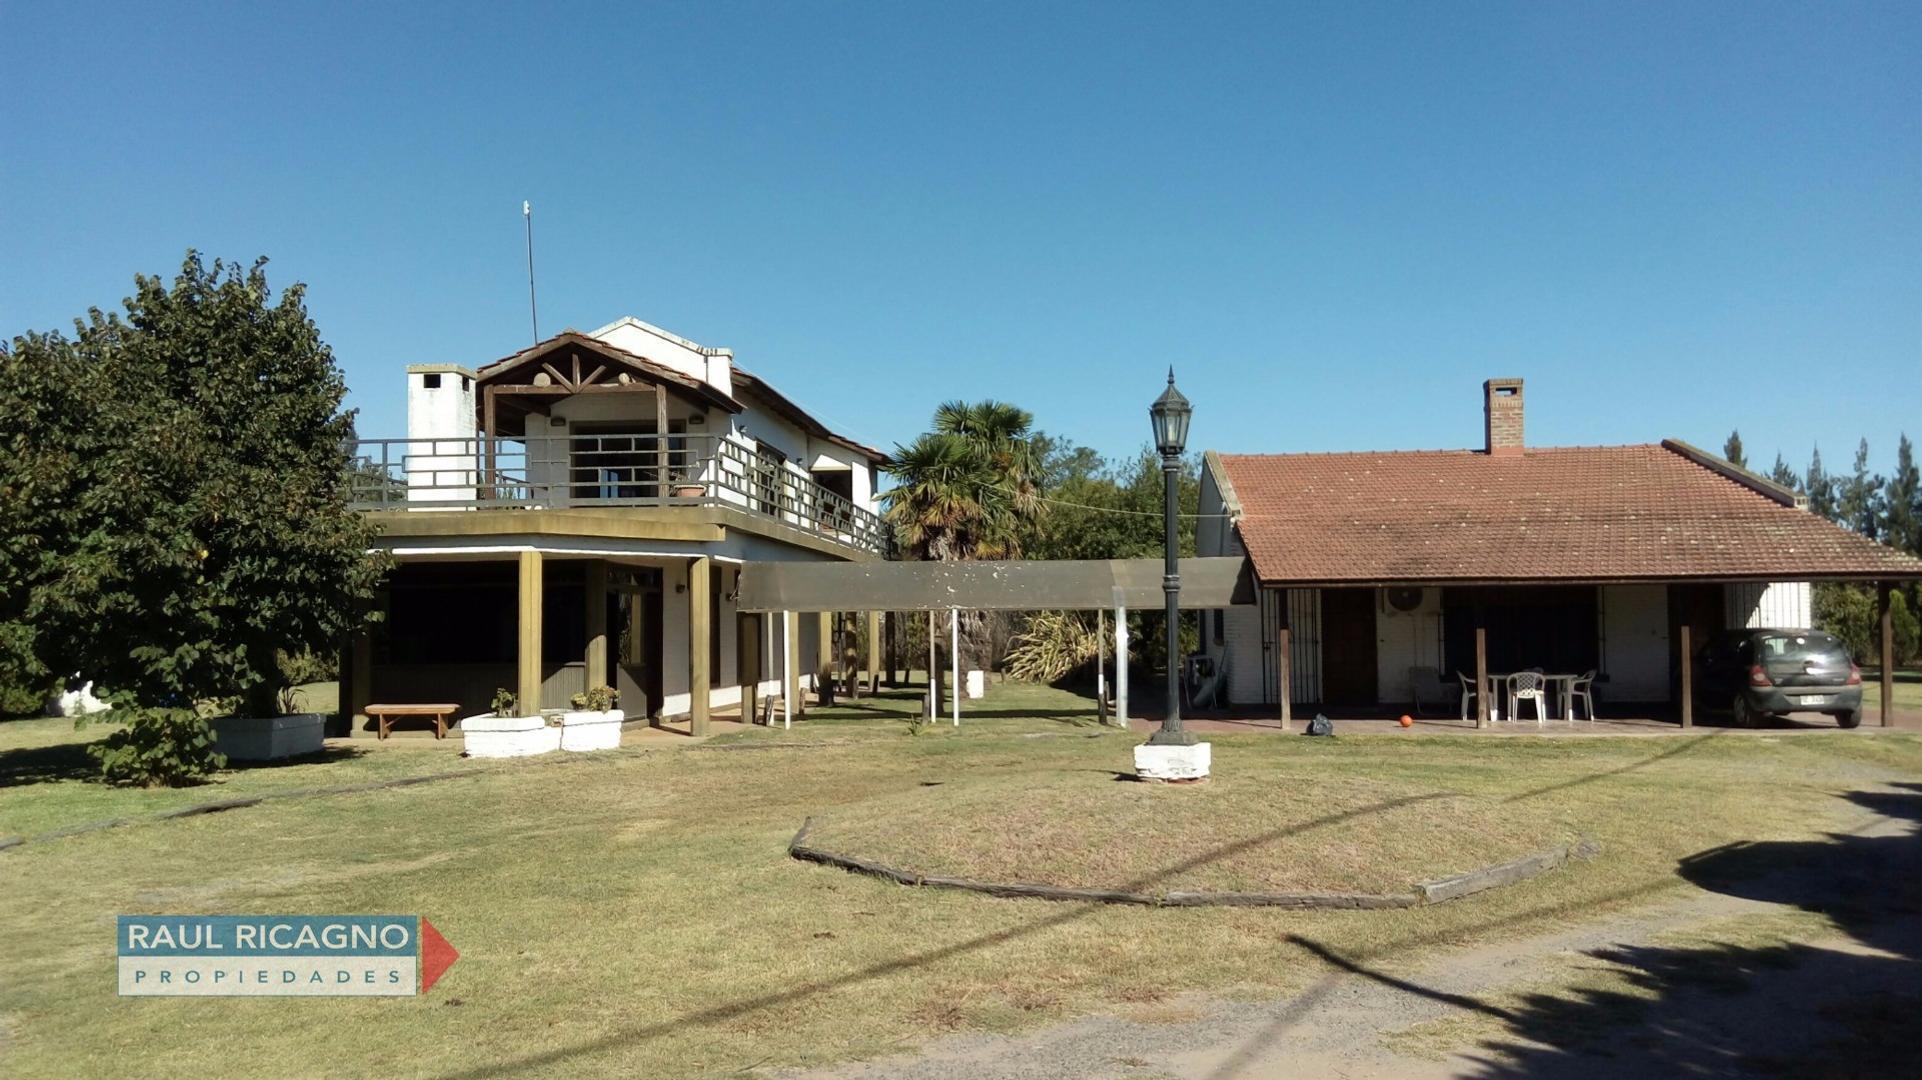 Casa en Venta en Chascomús. Exquisita Propiedad. PERMUTAS Y FINANCIACIÓN